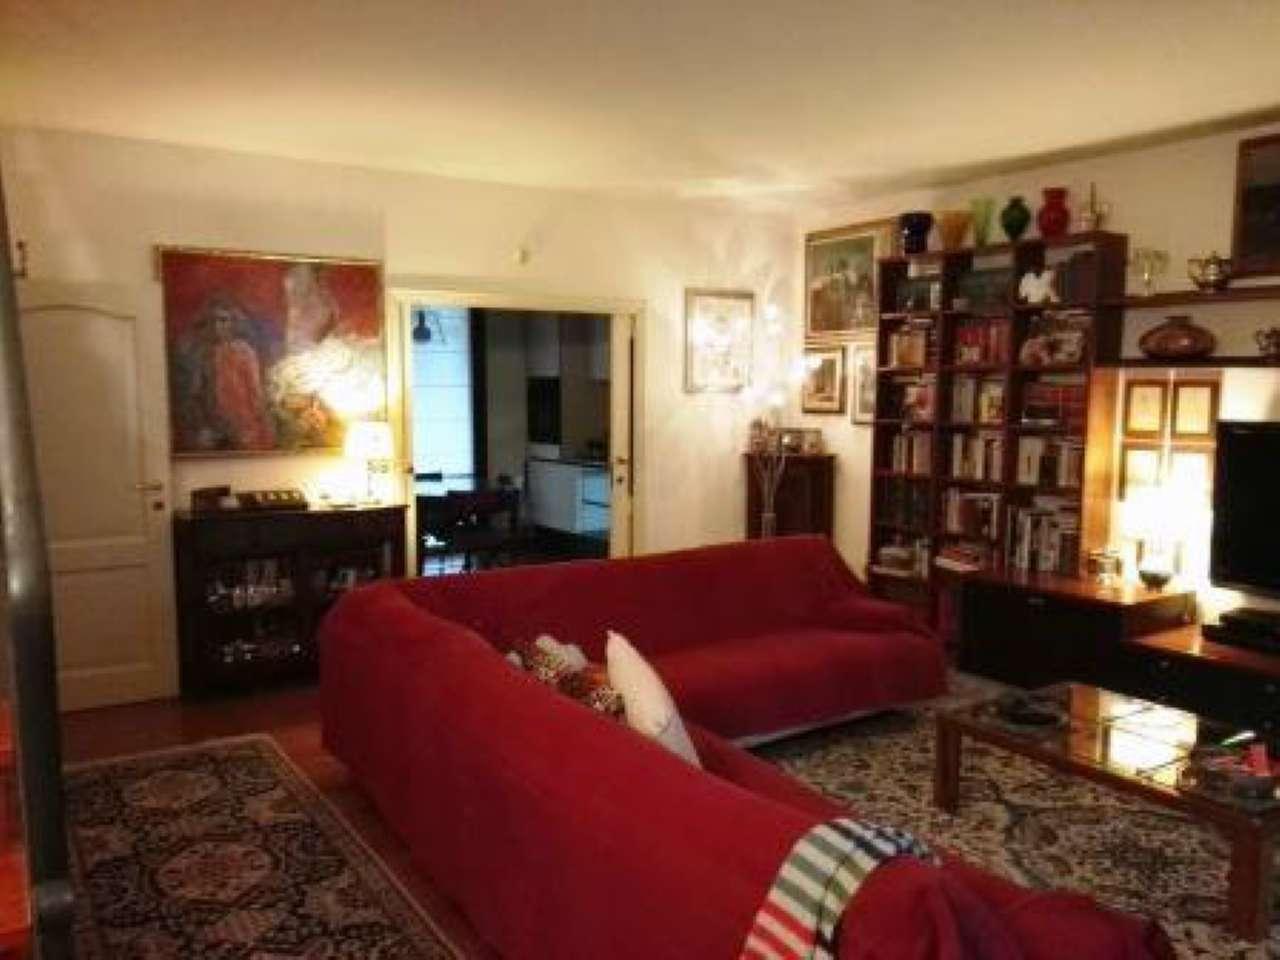 Palazzo / Stabile in vendita a Cesena, 8 locali, prezzo € 580.000 | Cambio Casa.it